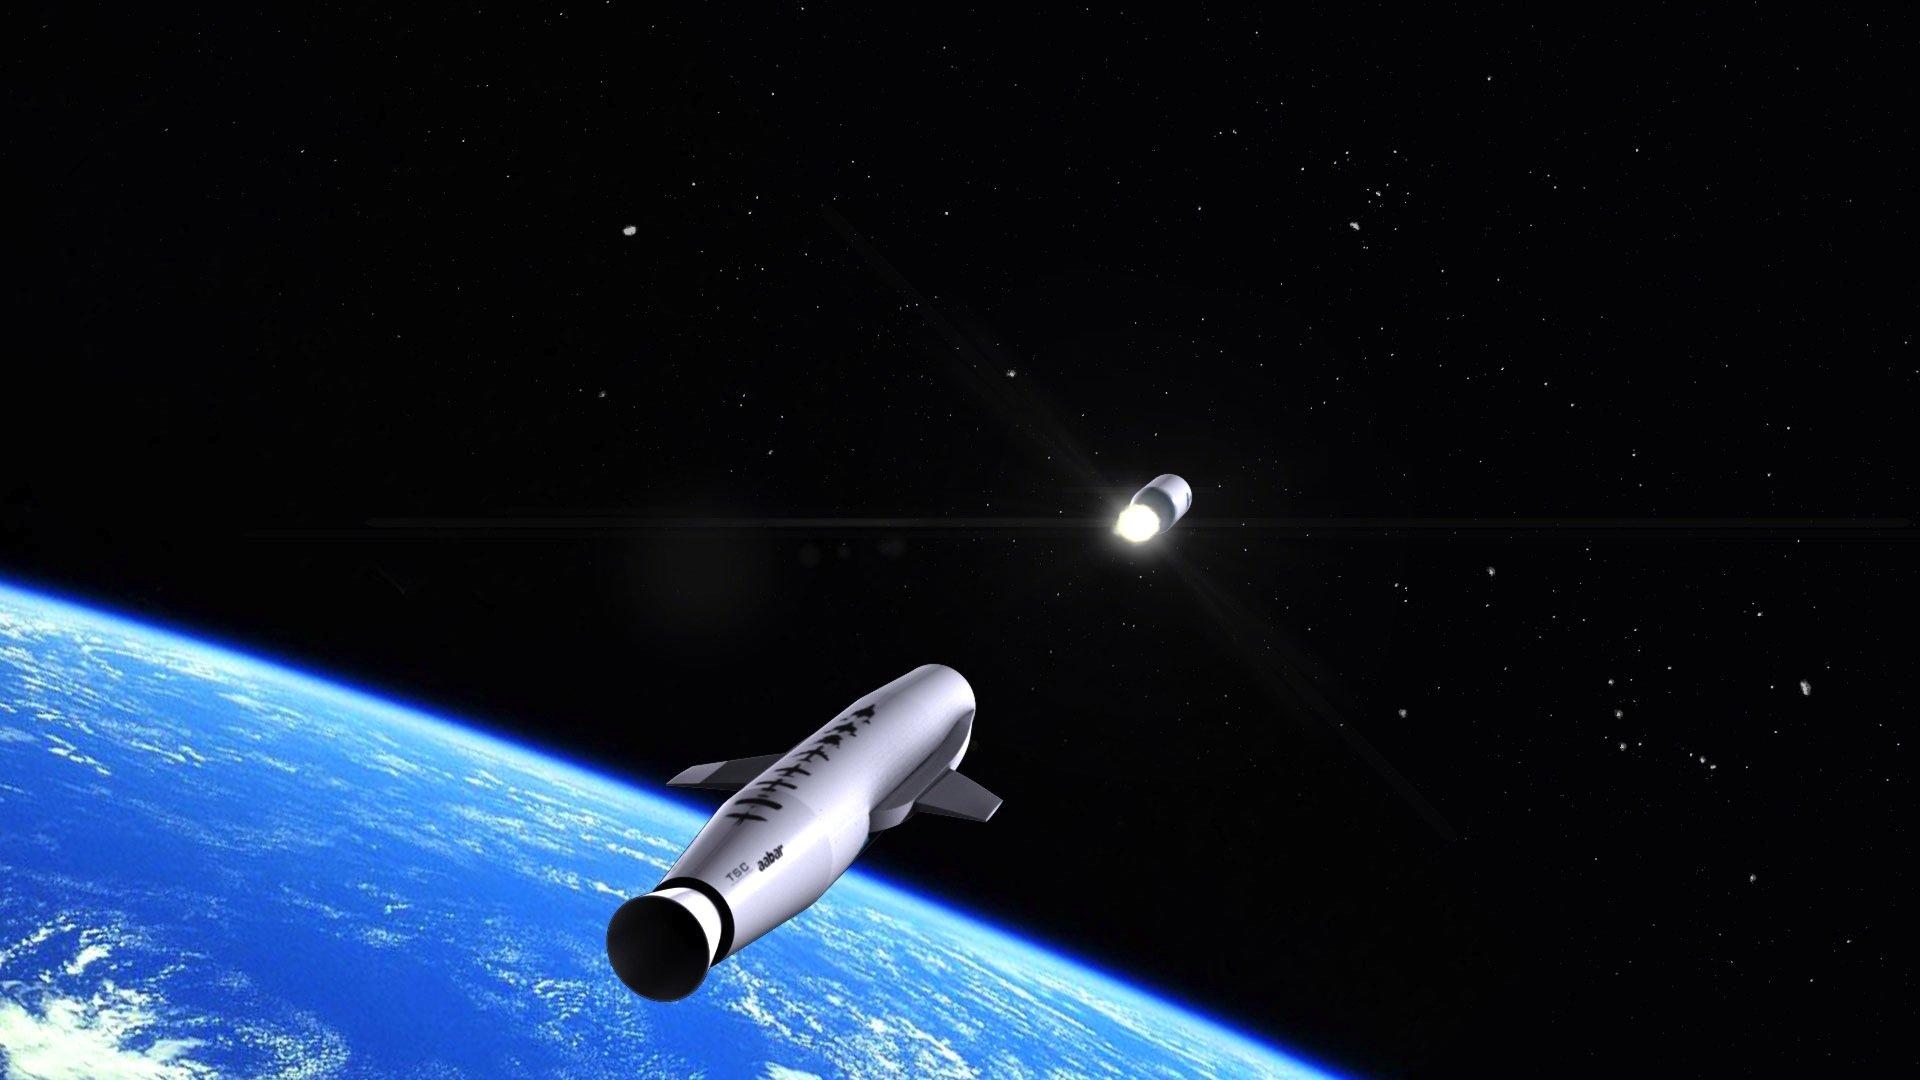 LauncherOne soll kleine Satelliten auf ihre Umlaufbahnen befördern. 2016 beginnen die Test, 2017 soll der kommerzielle Betrieb starten.